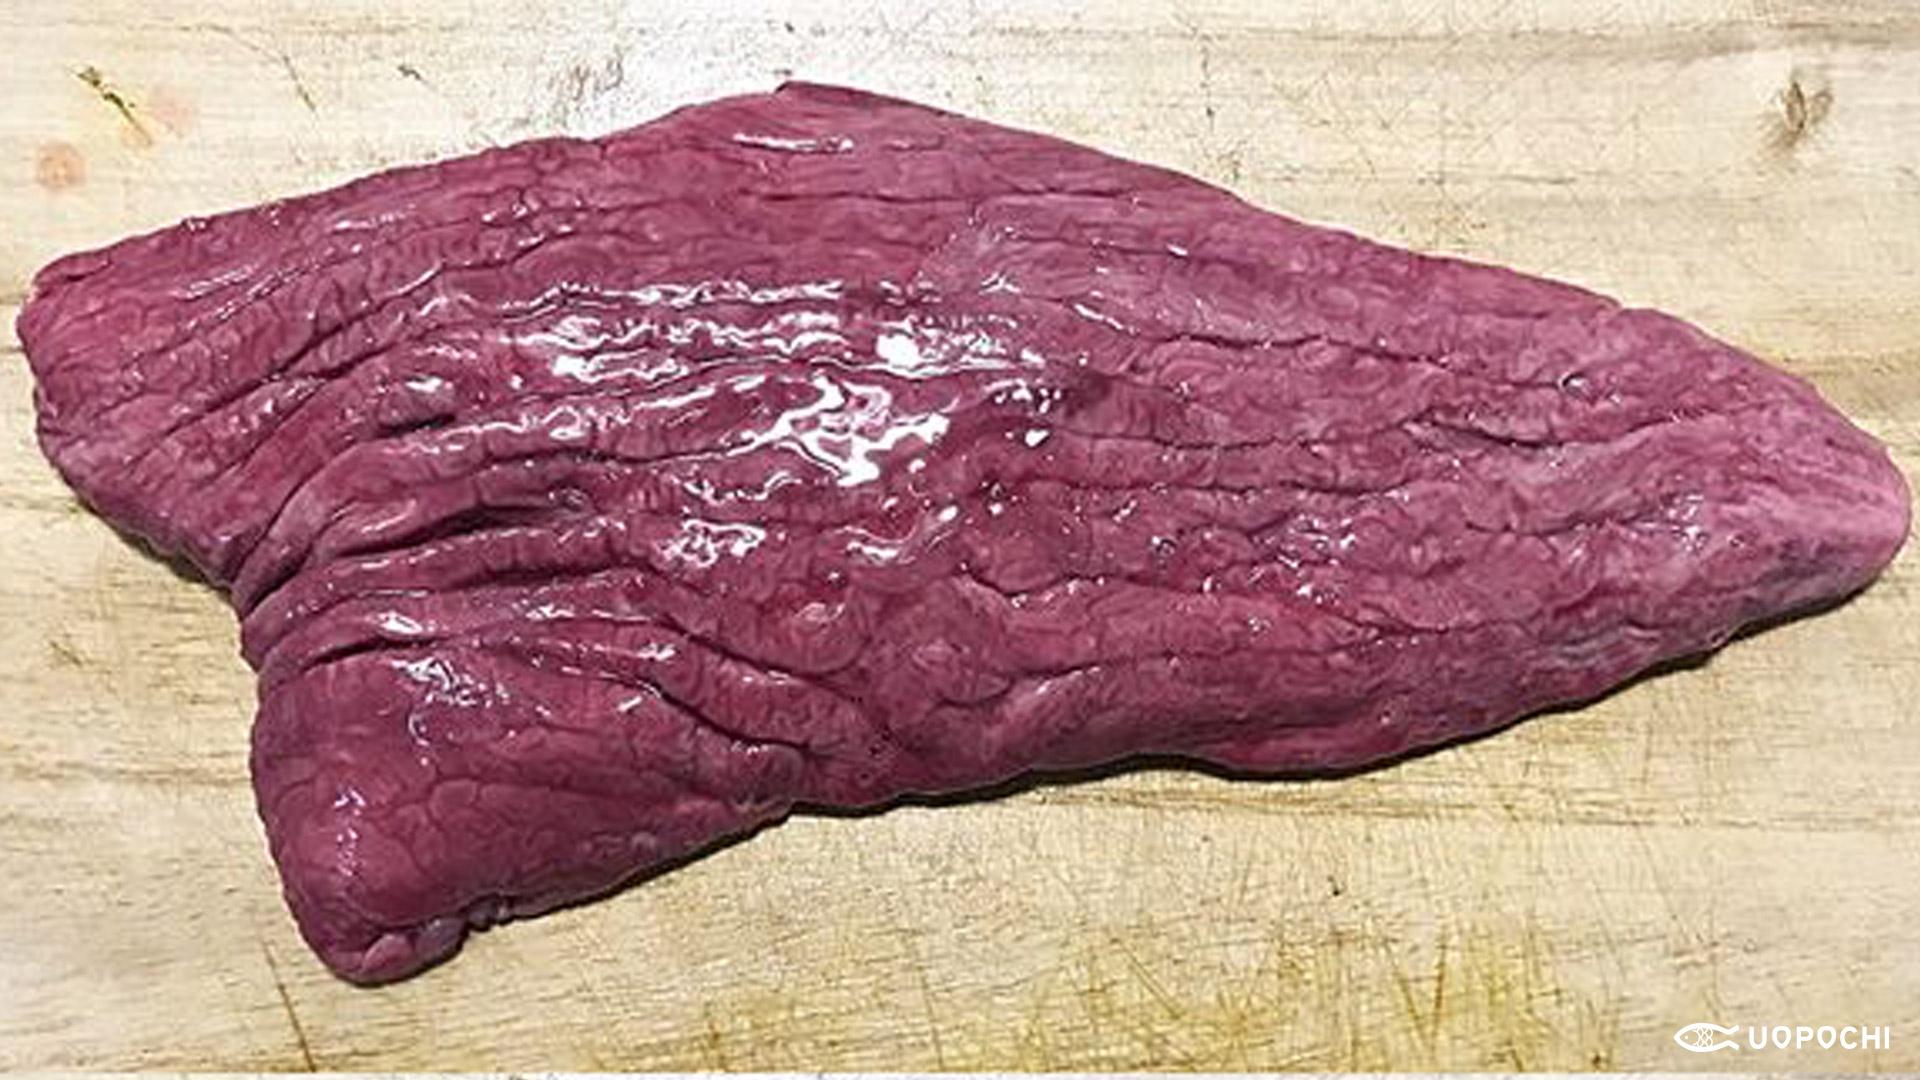 マグロの胃袋